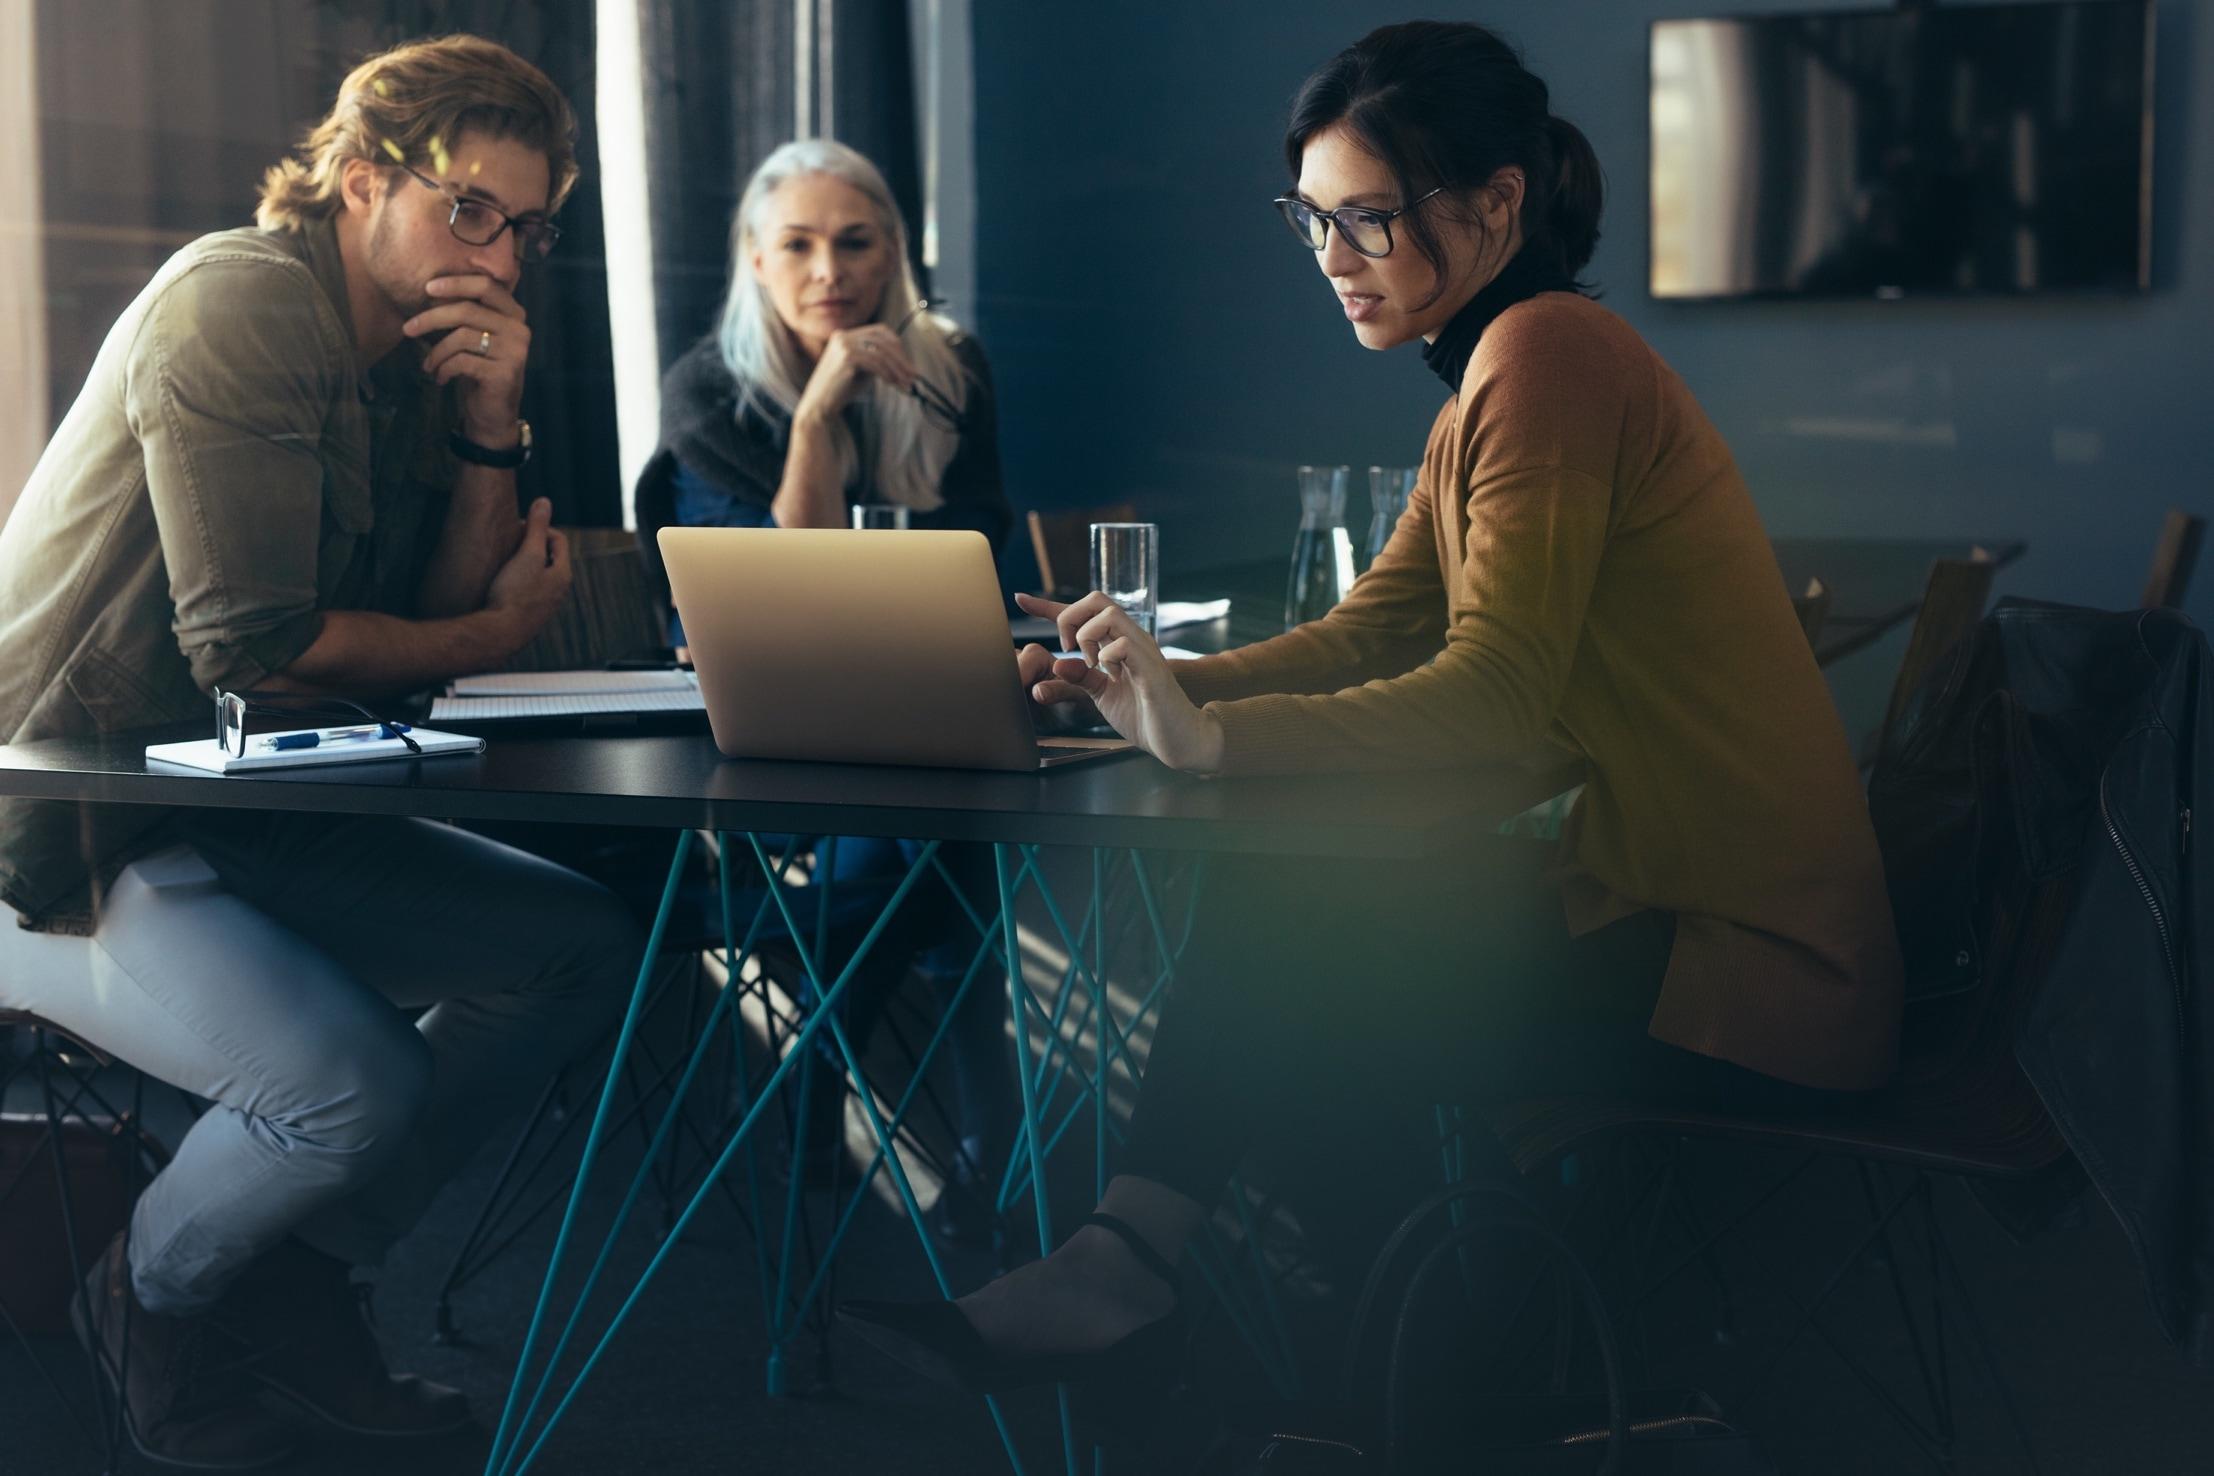 Lachende blonde Frau in einem Büro am Schreibtisch